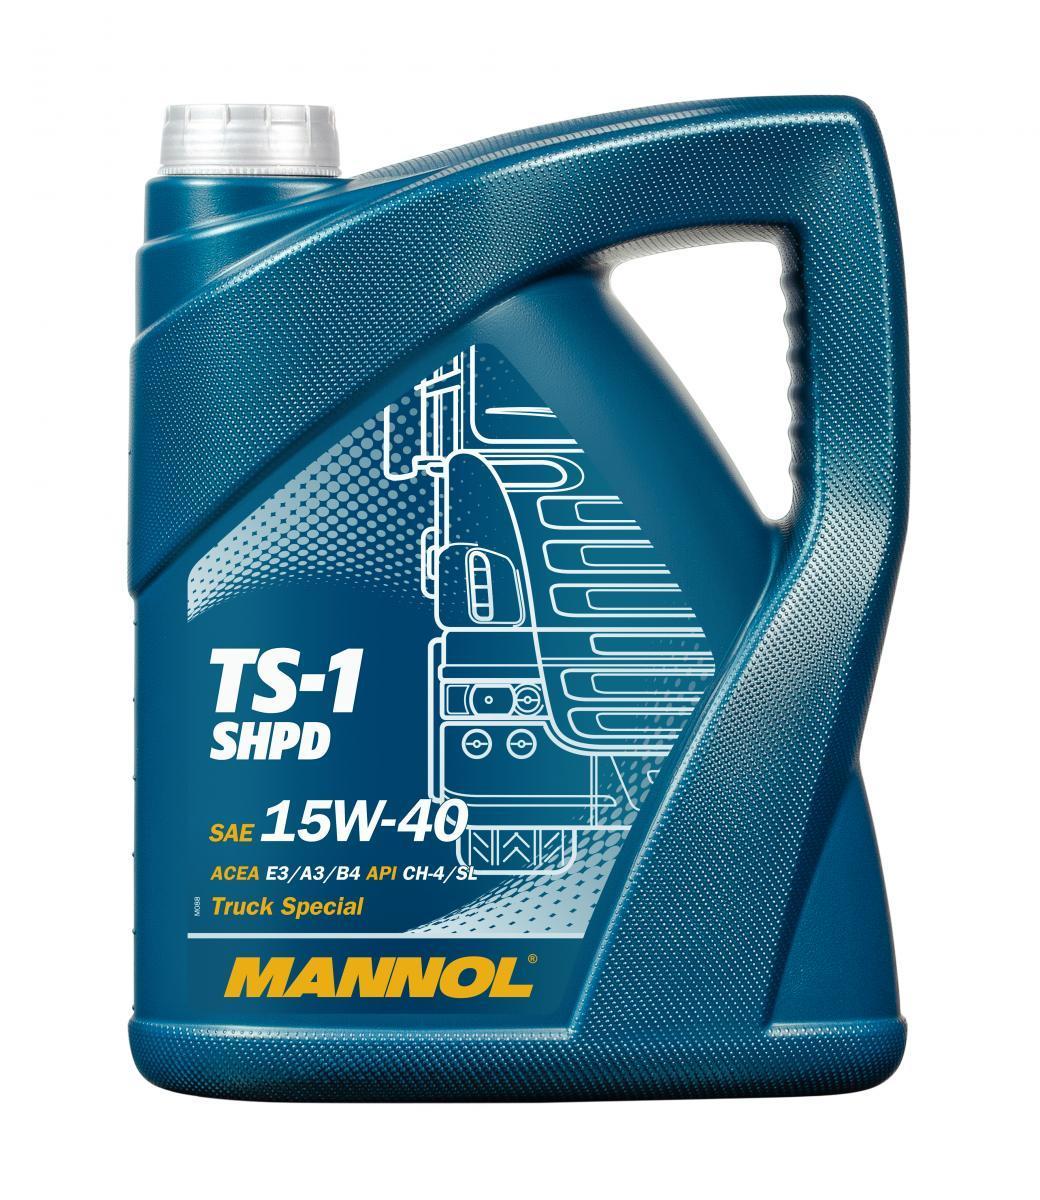 MN7101-5 MANNOL TS-1, SHPD 15W-40, 5l, Mineralöl Motoröl MN7101-5 günstig kaufen